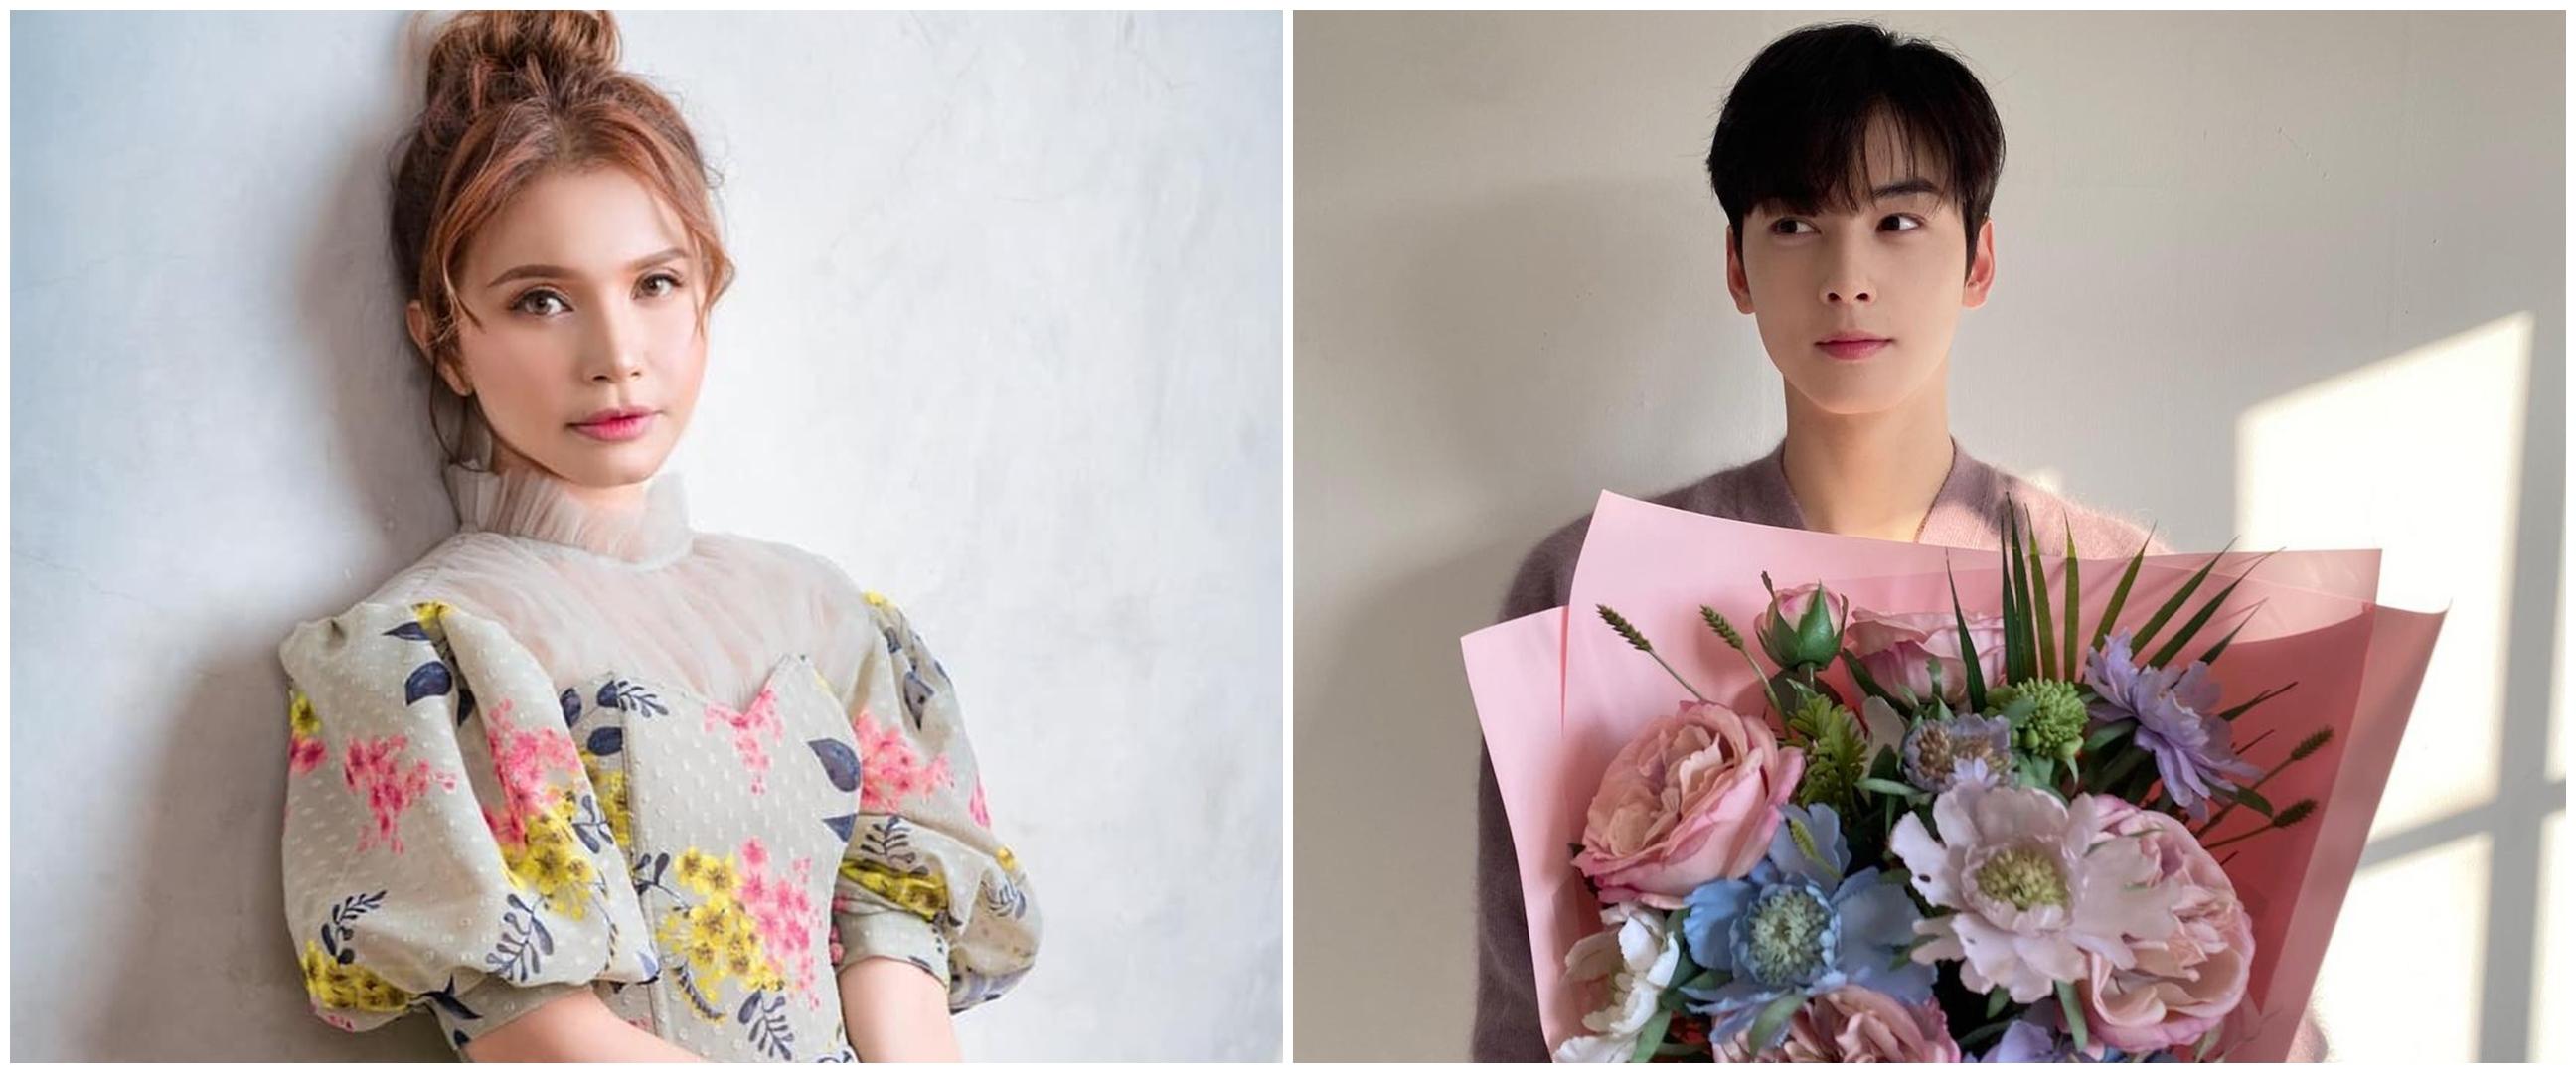 Rossa unggah foto bareng Cha Eun-woo, fans True Beauty heboh